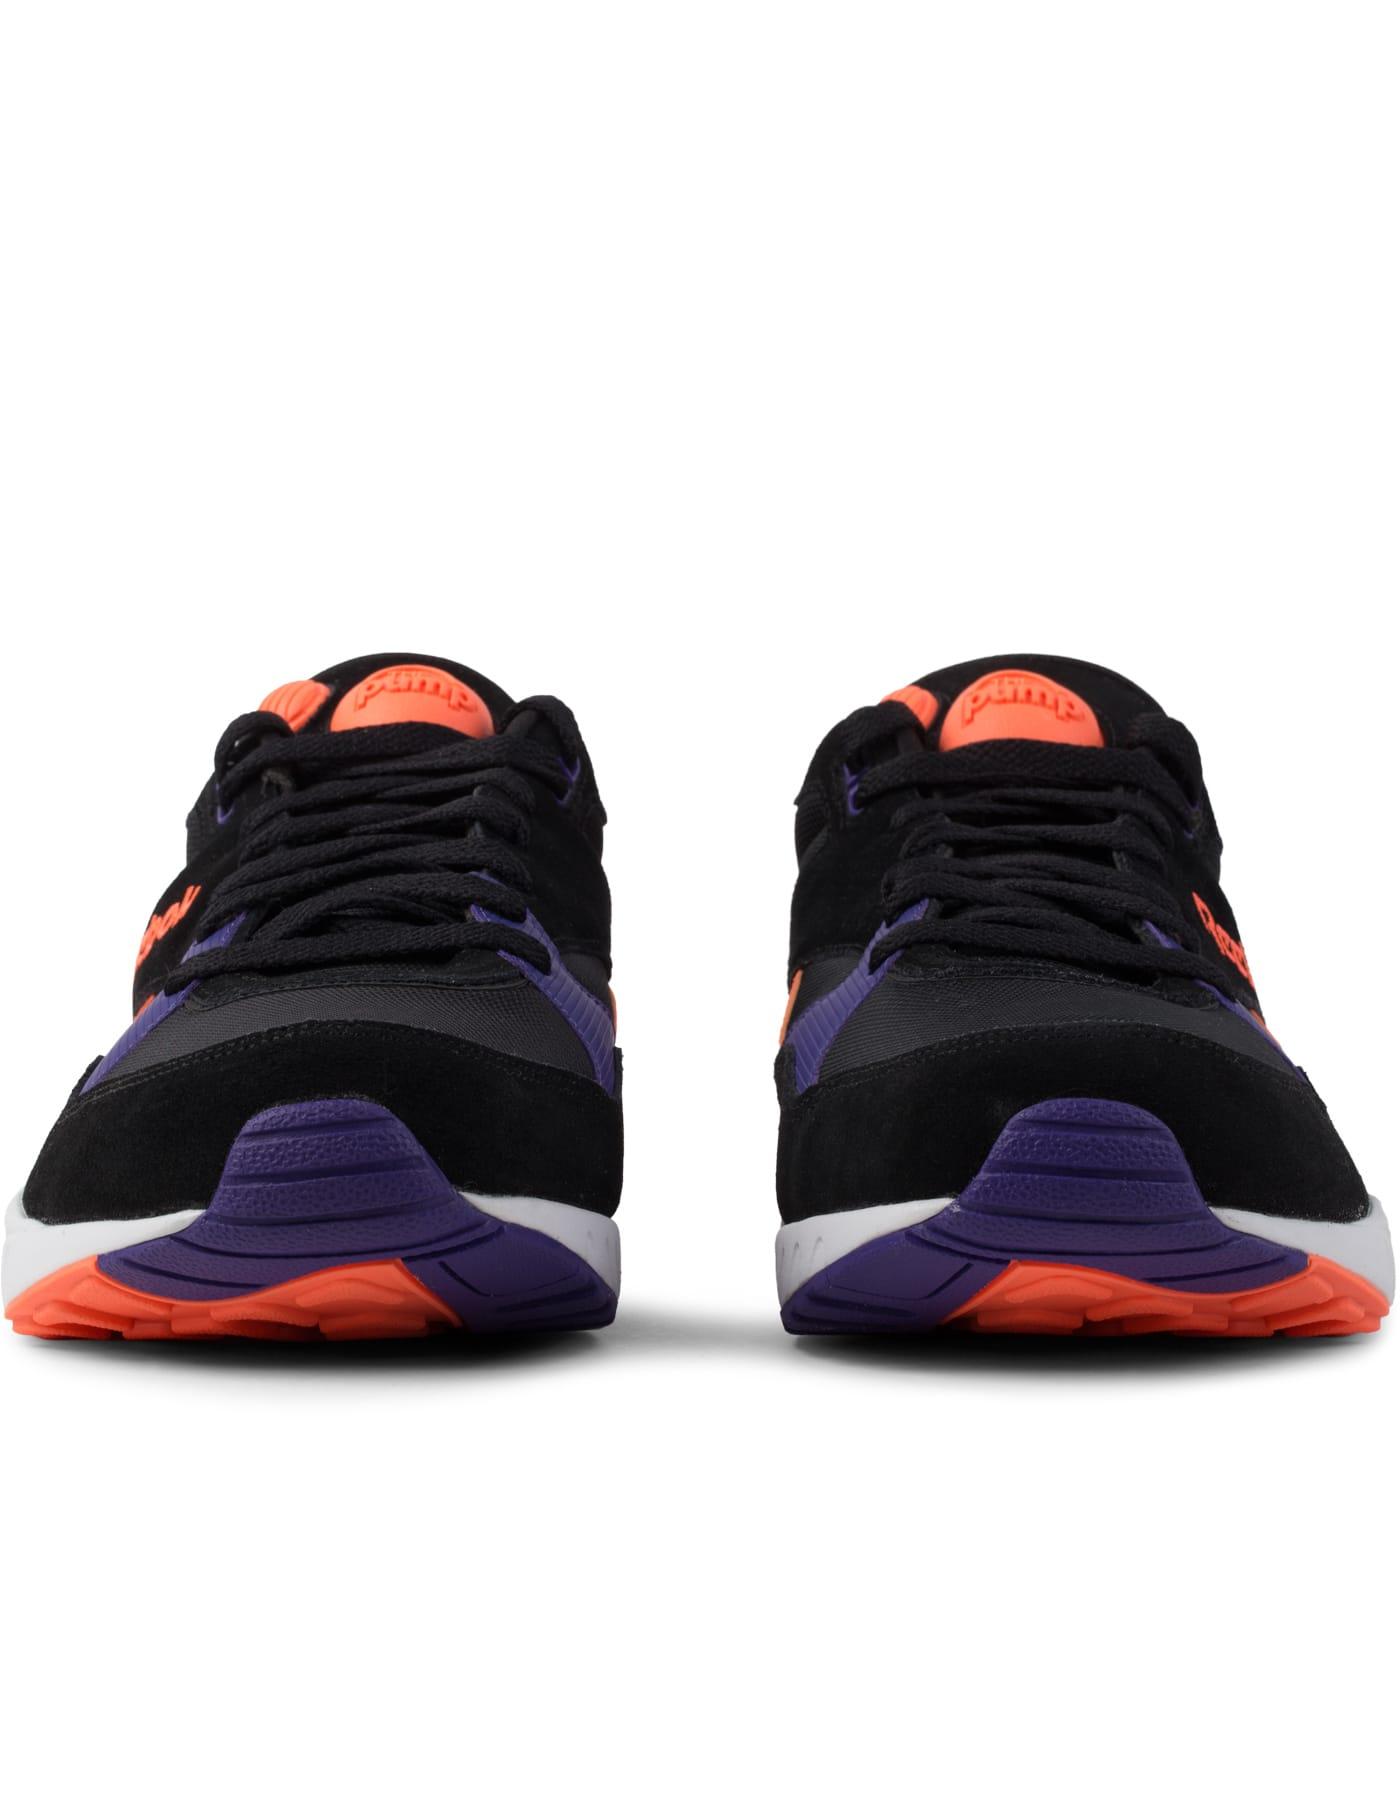 M46719 Pump Infinity Runner Shoes   HBX